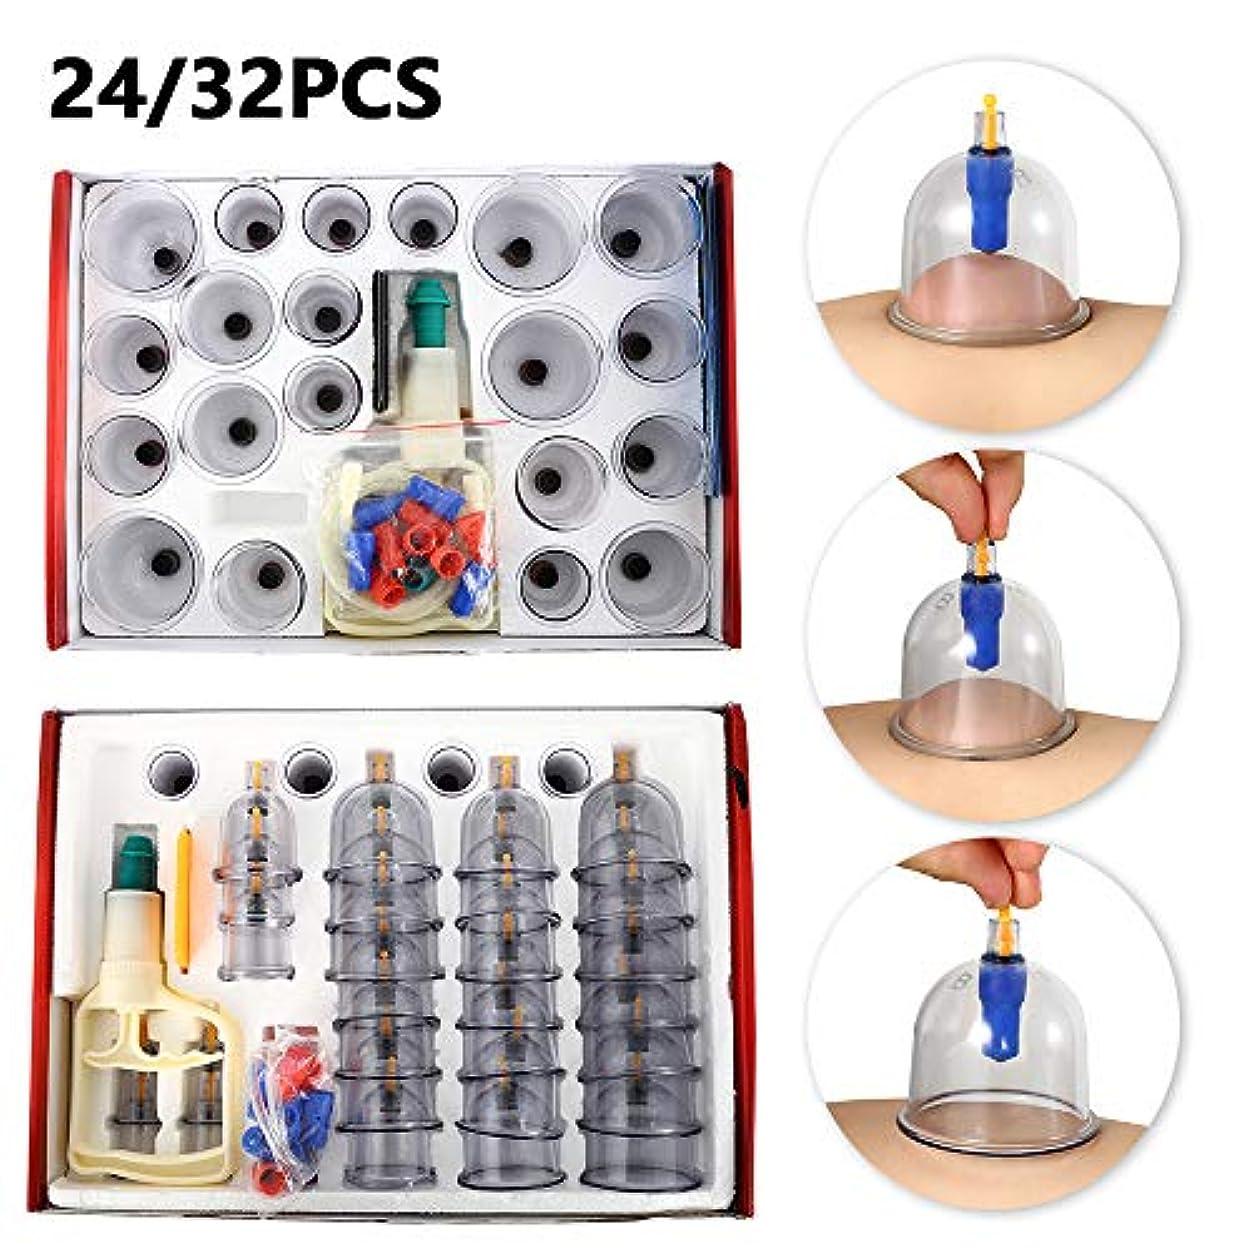 空虚迫害する有毒なSteppiano カッピング 吸い玉 カッピングカップ 真空カッピング ツボ刺激 血流促進 こり解消 点穴 磁気 刺激 延長チューブ付属 (32セット)